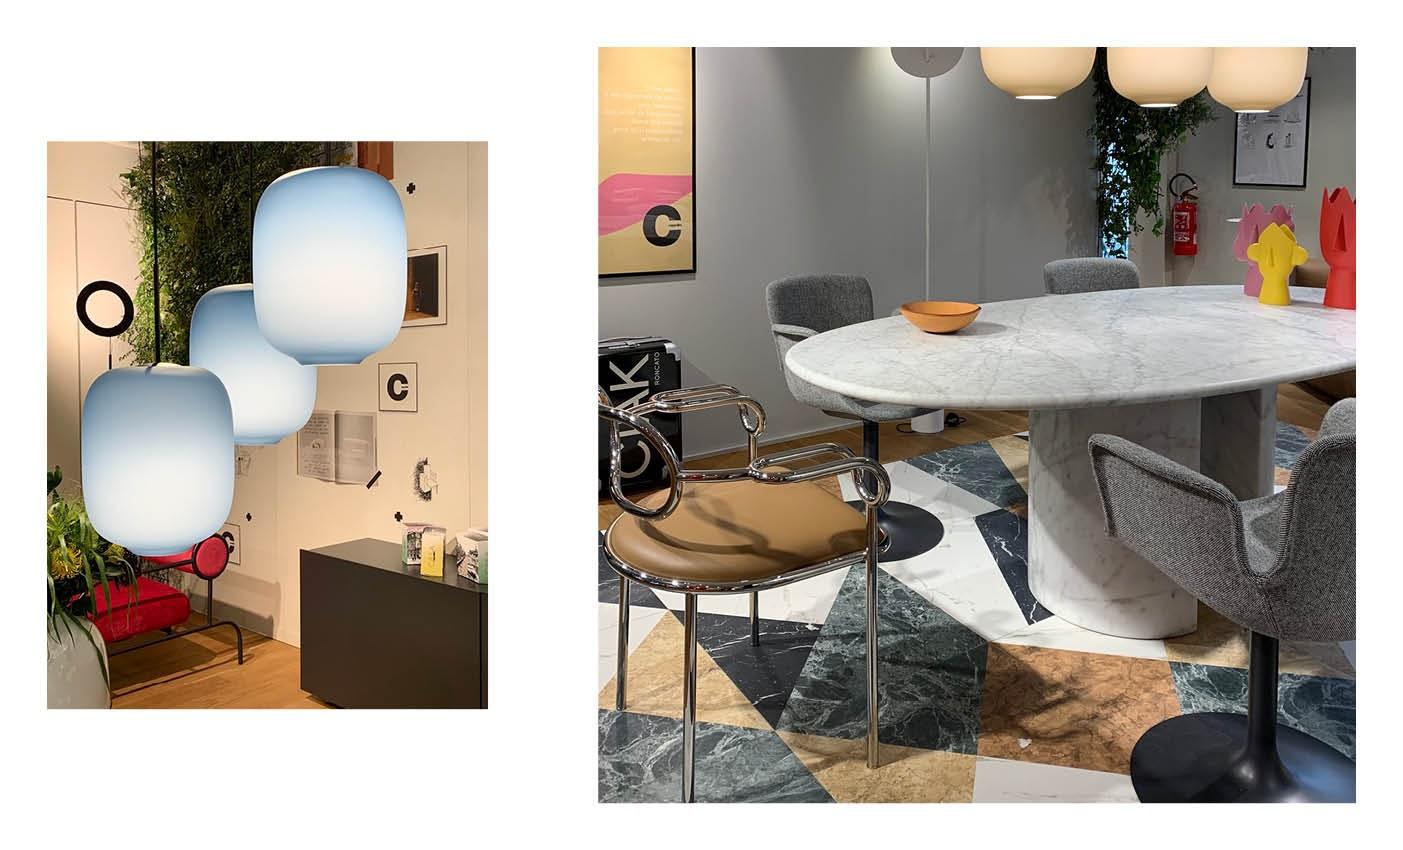 cappellini showroom during milan design city 2020